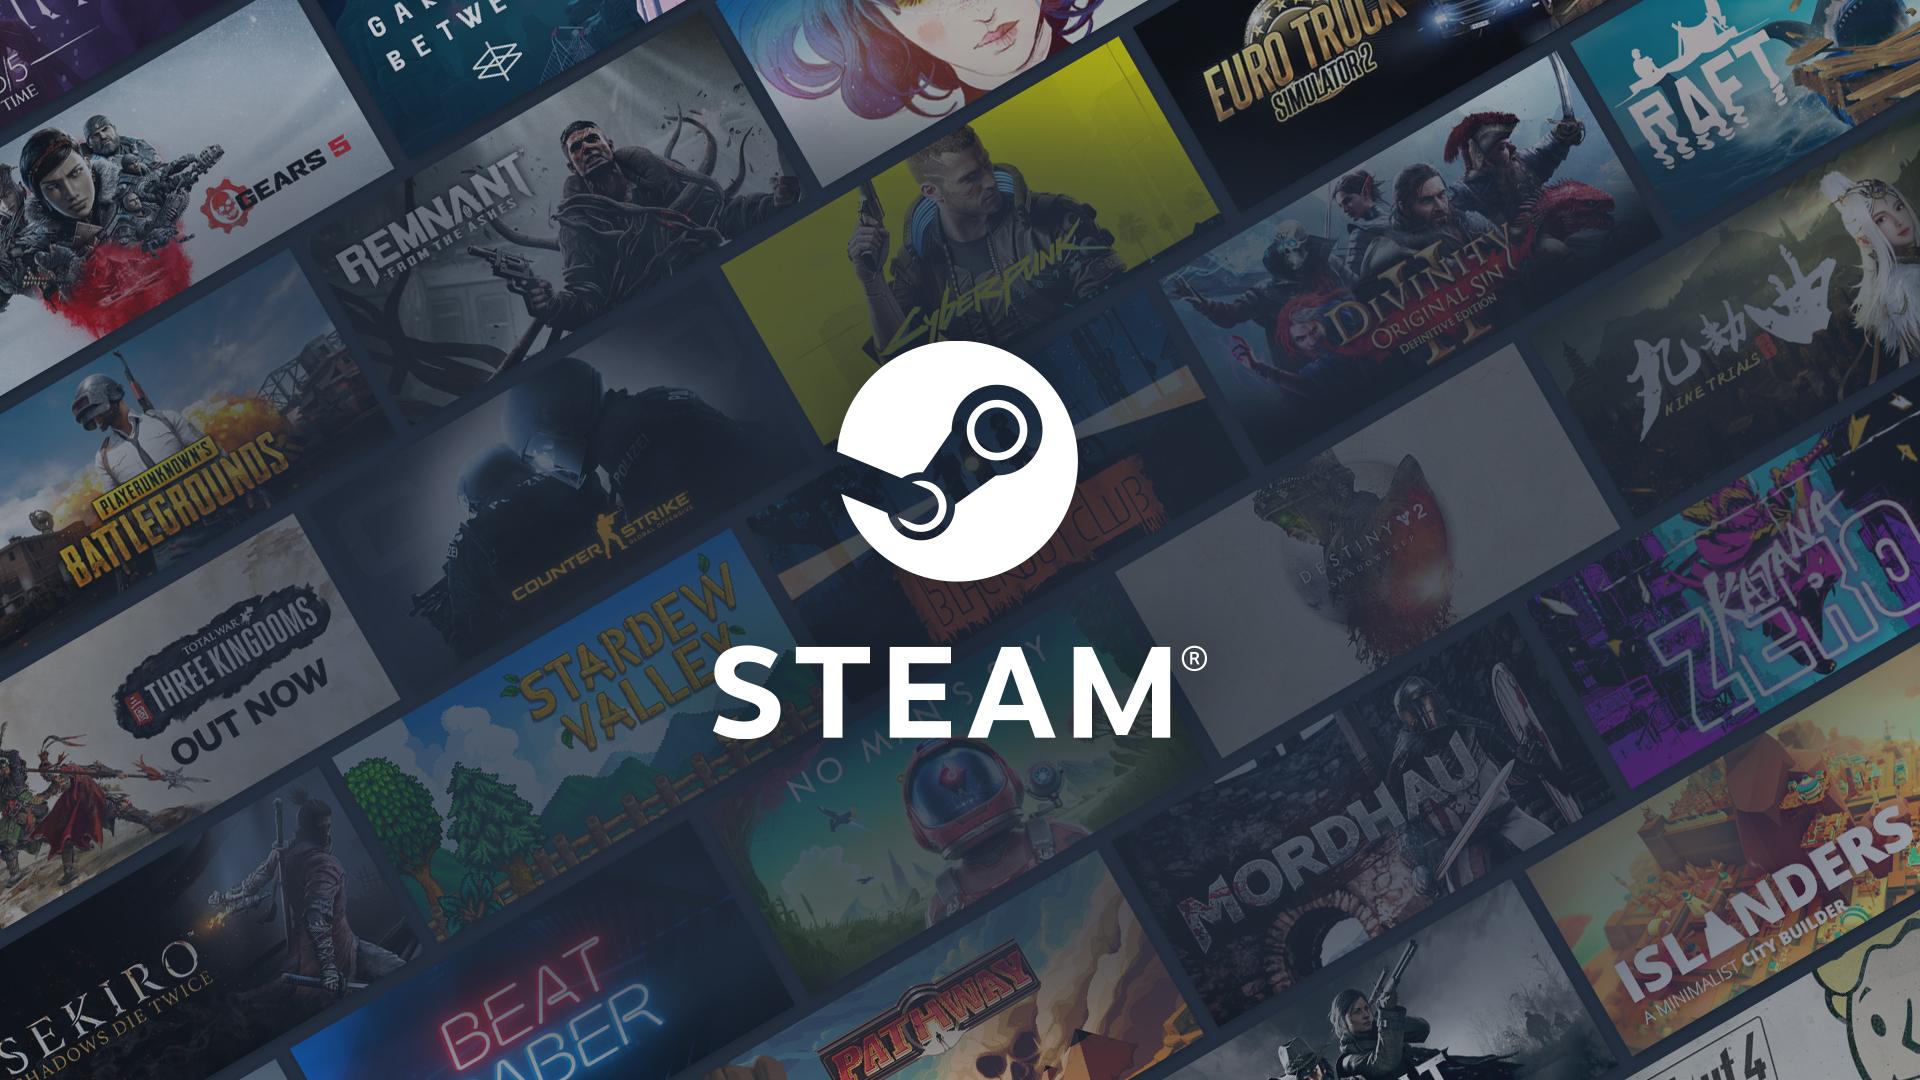 Еженедельная распродажа в Steam. Крупные скидки на серии Mafia и FlatOut